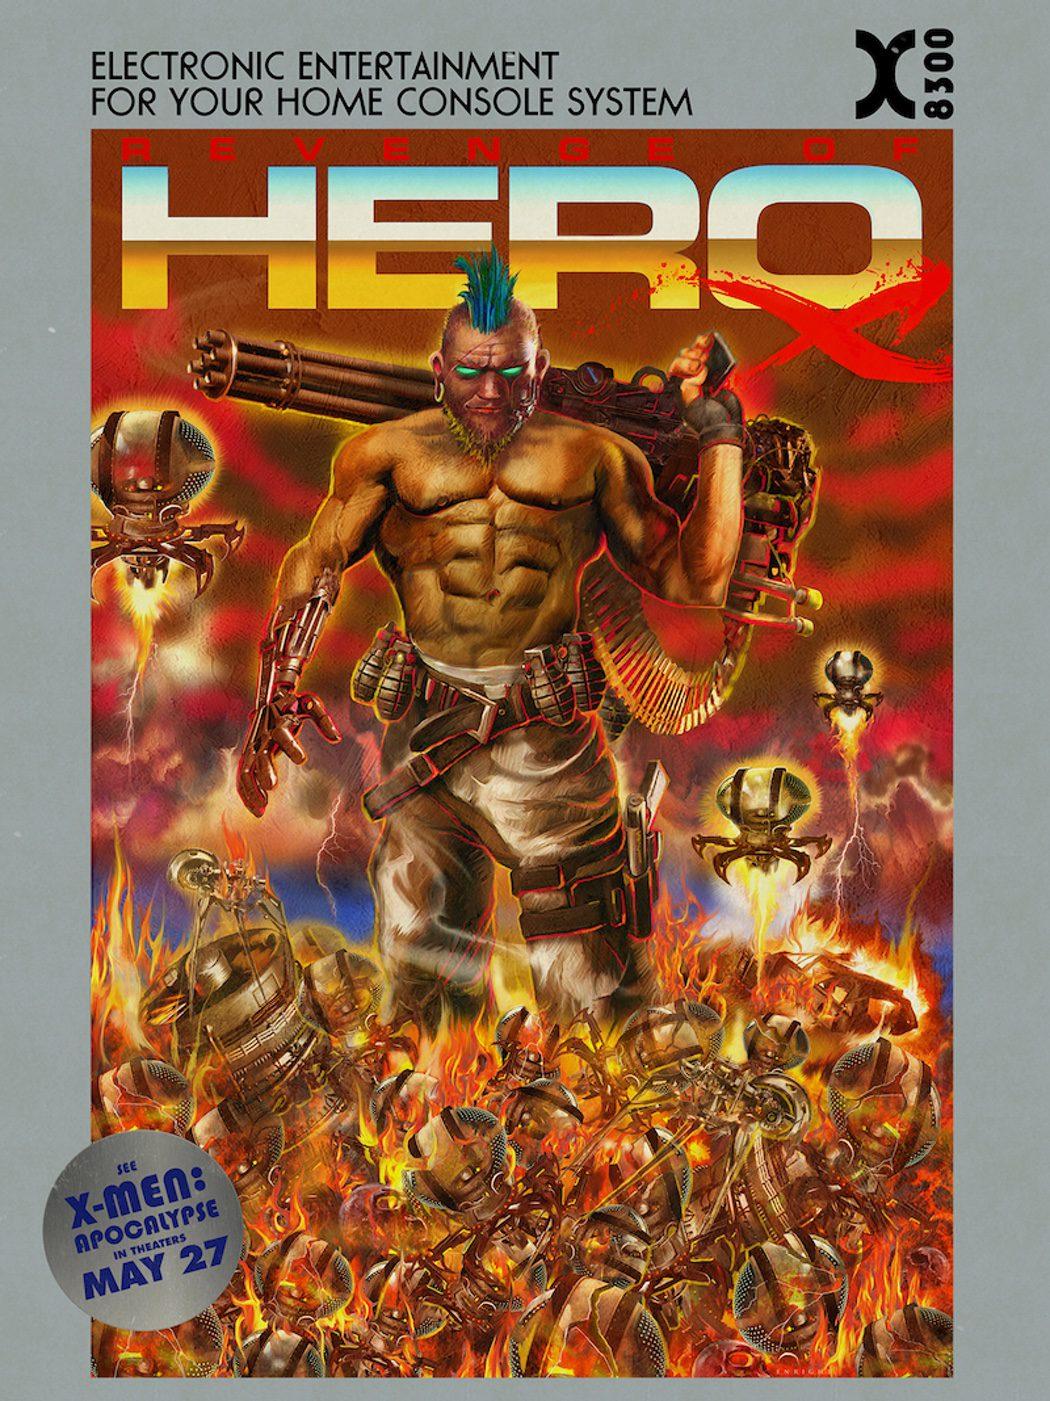 'Revenge of Hero X'